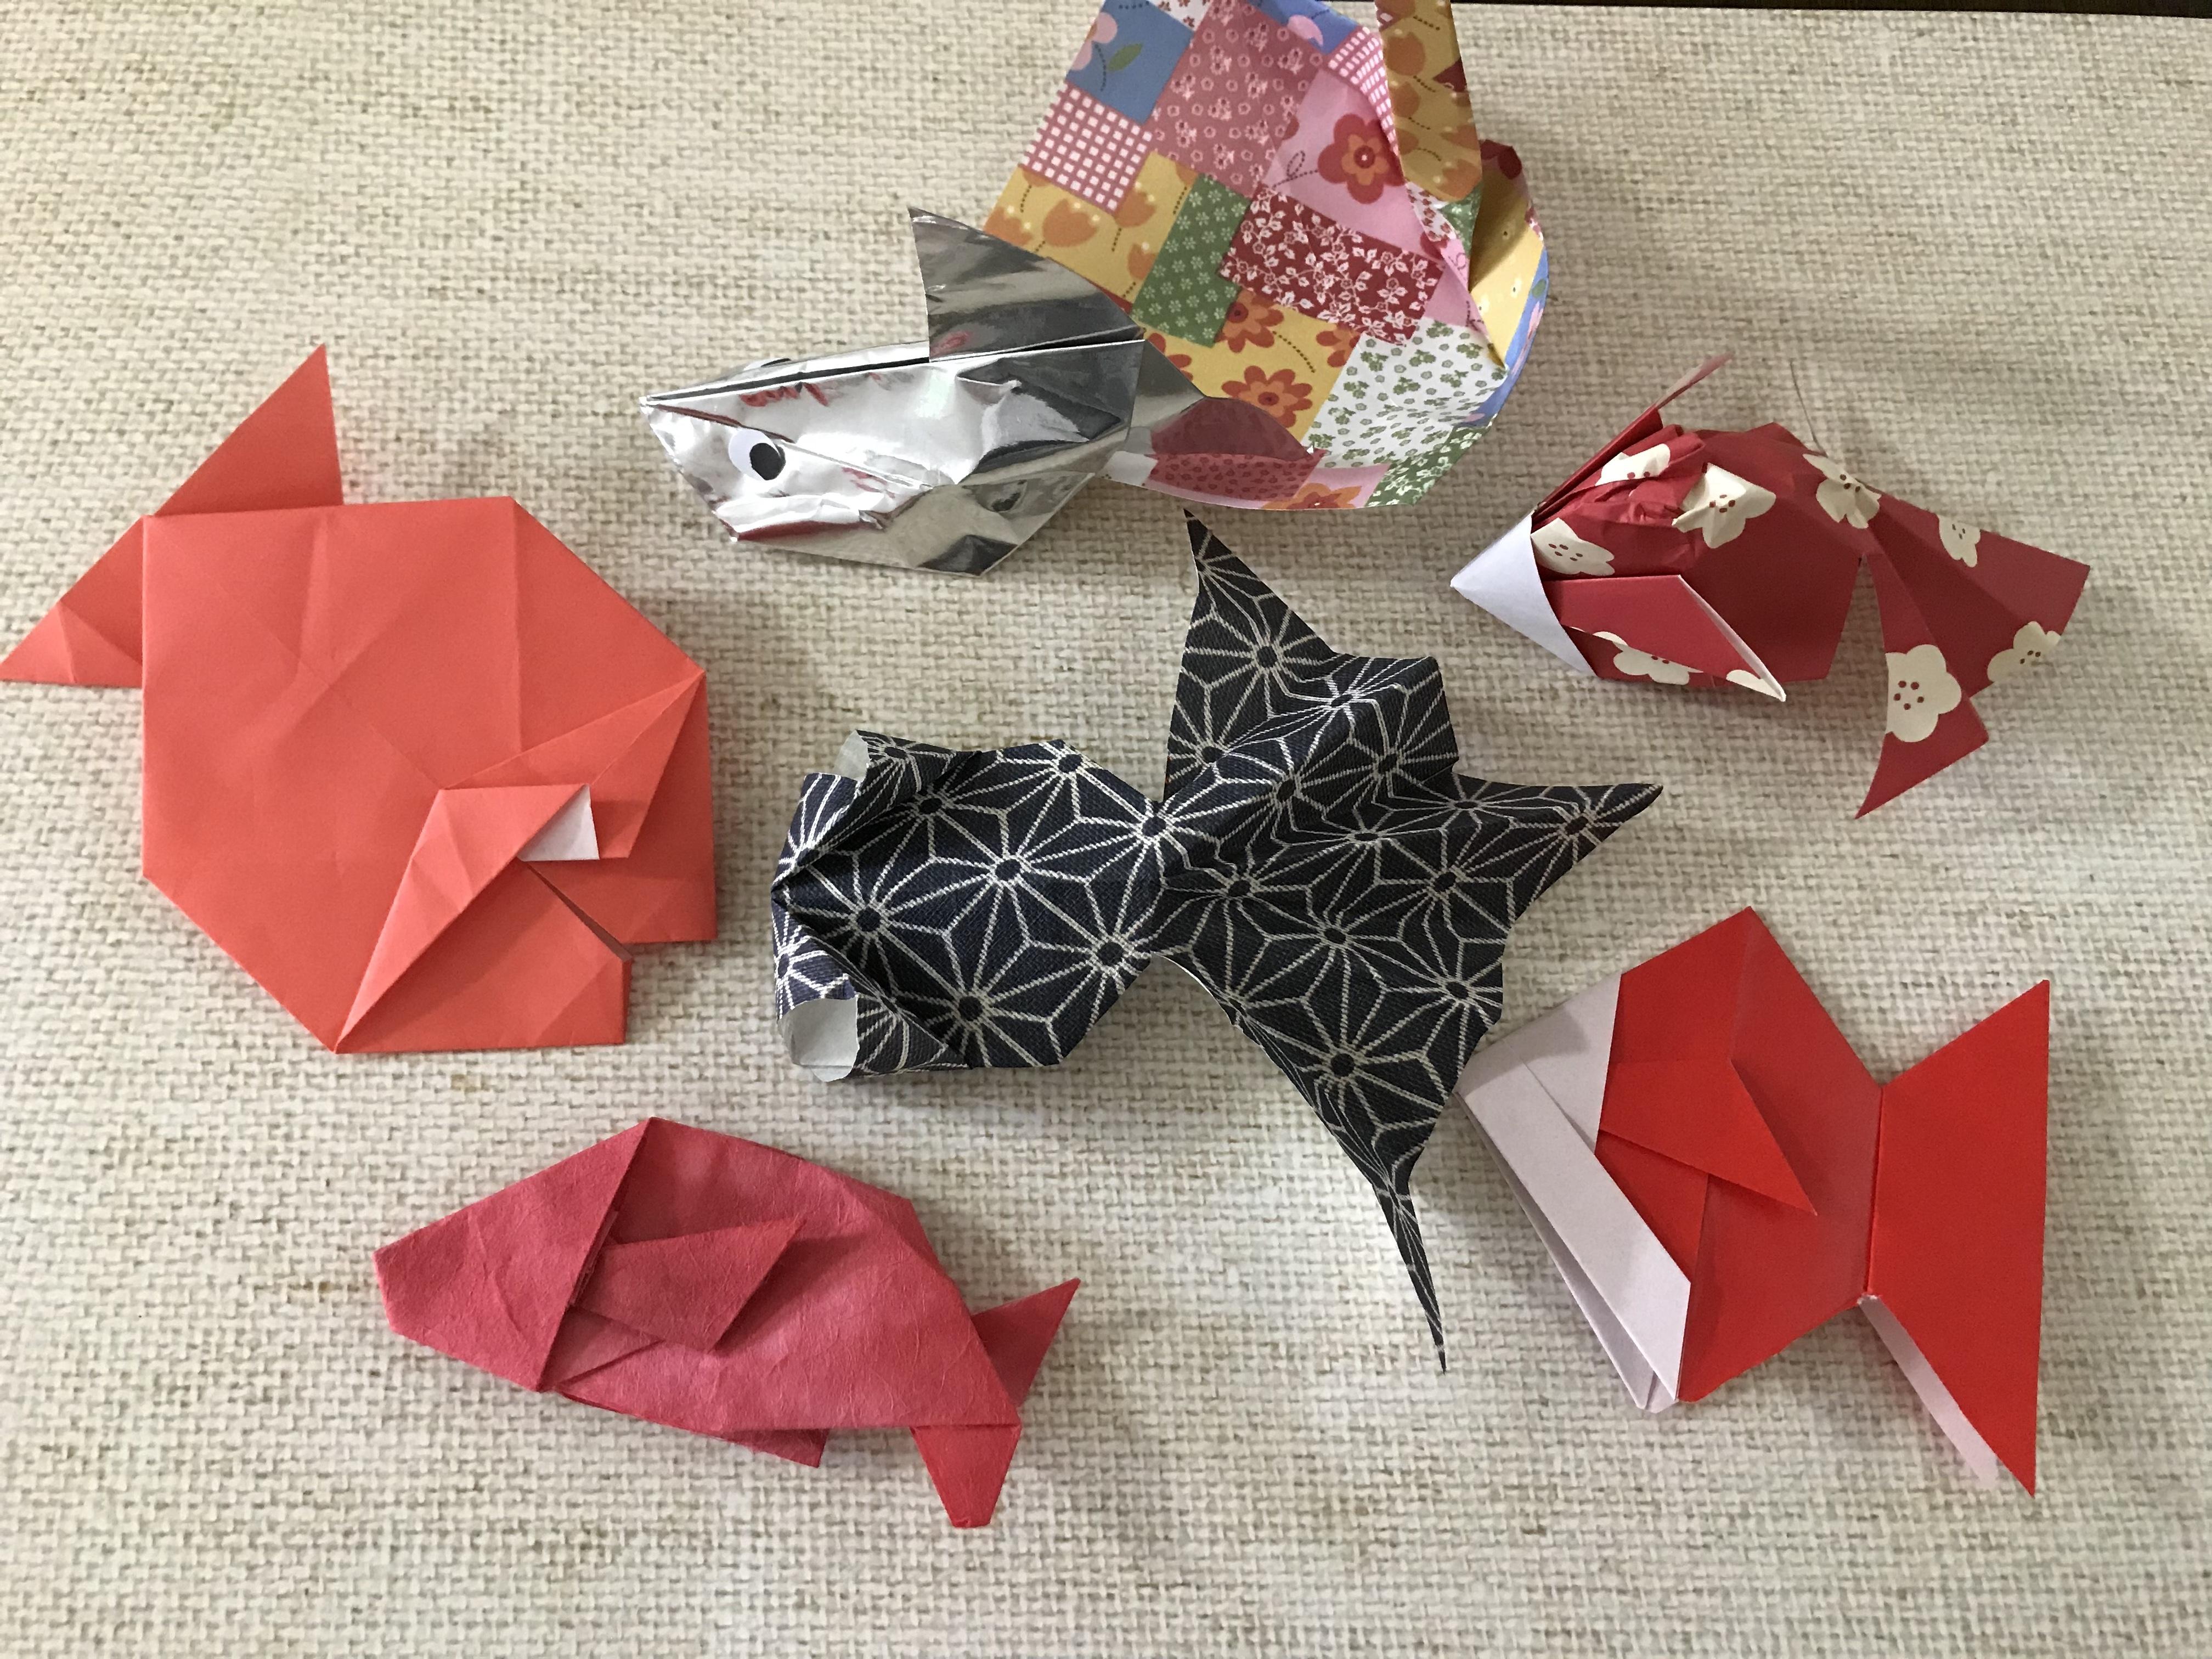 折り紙「金魚」の作り方!金魚でもタイプが違う6種の折り方を解説!